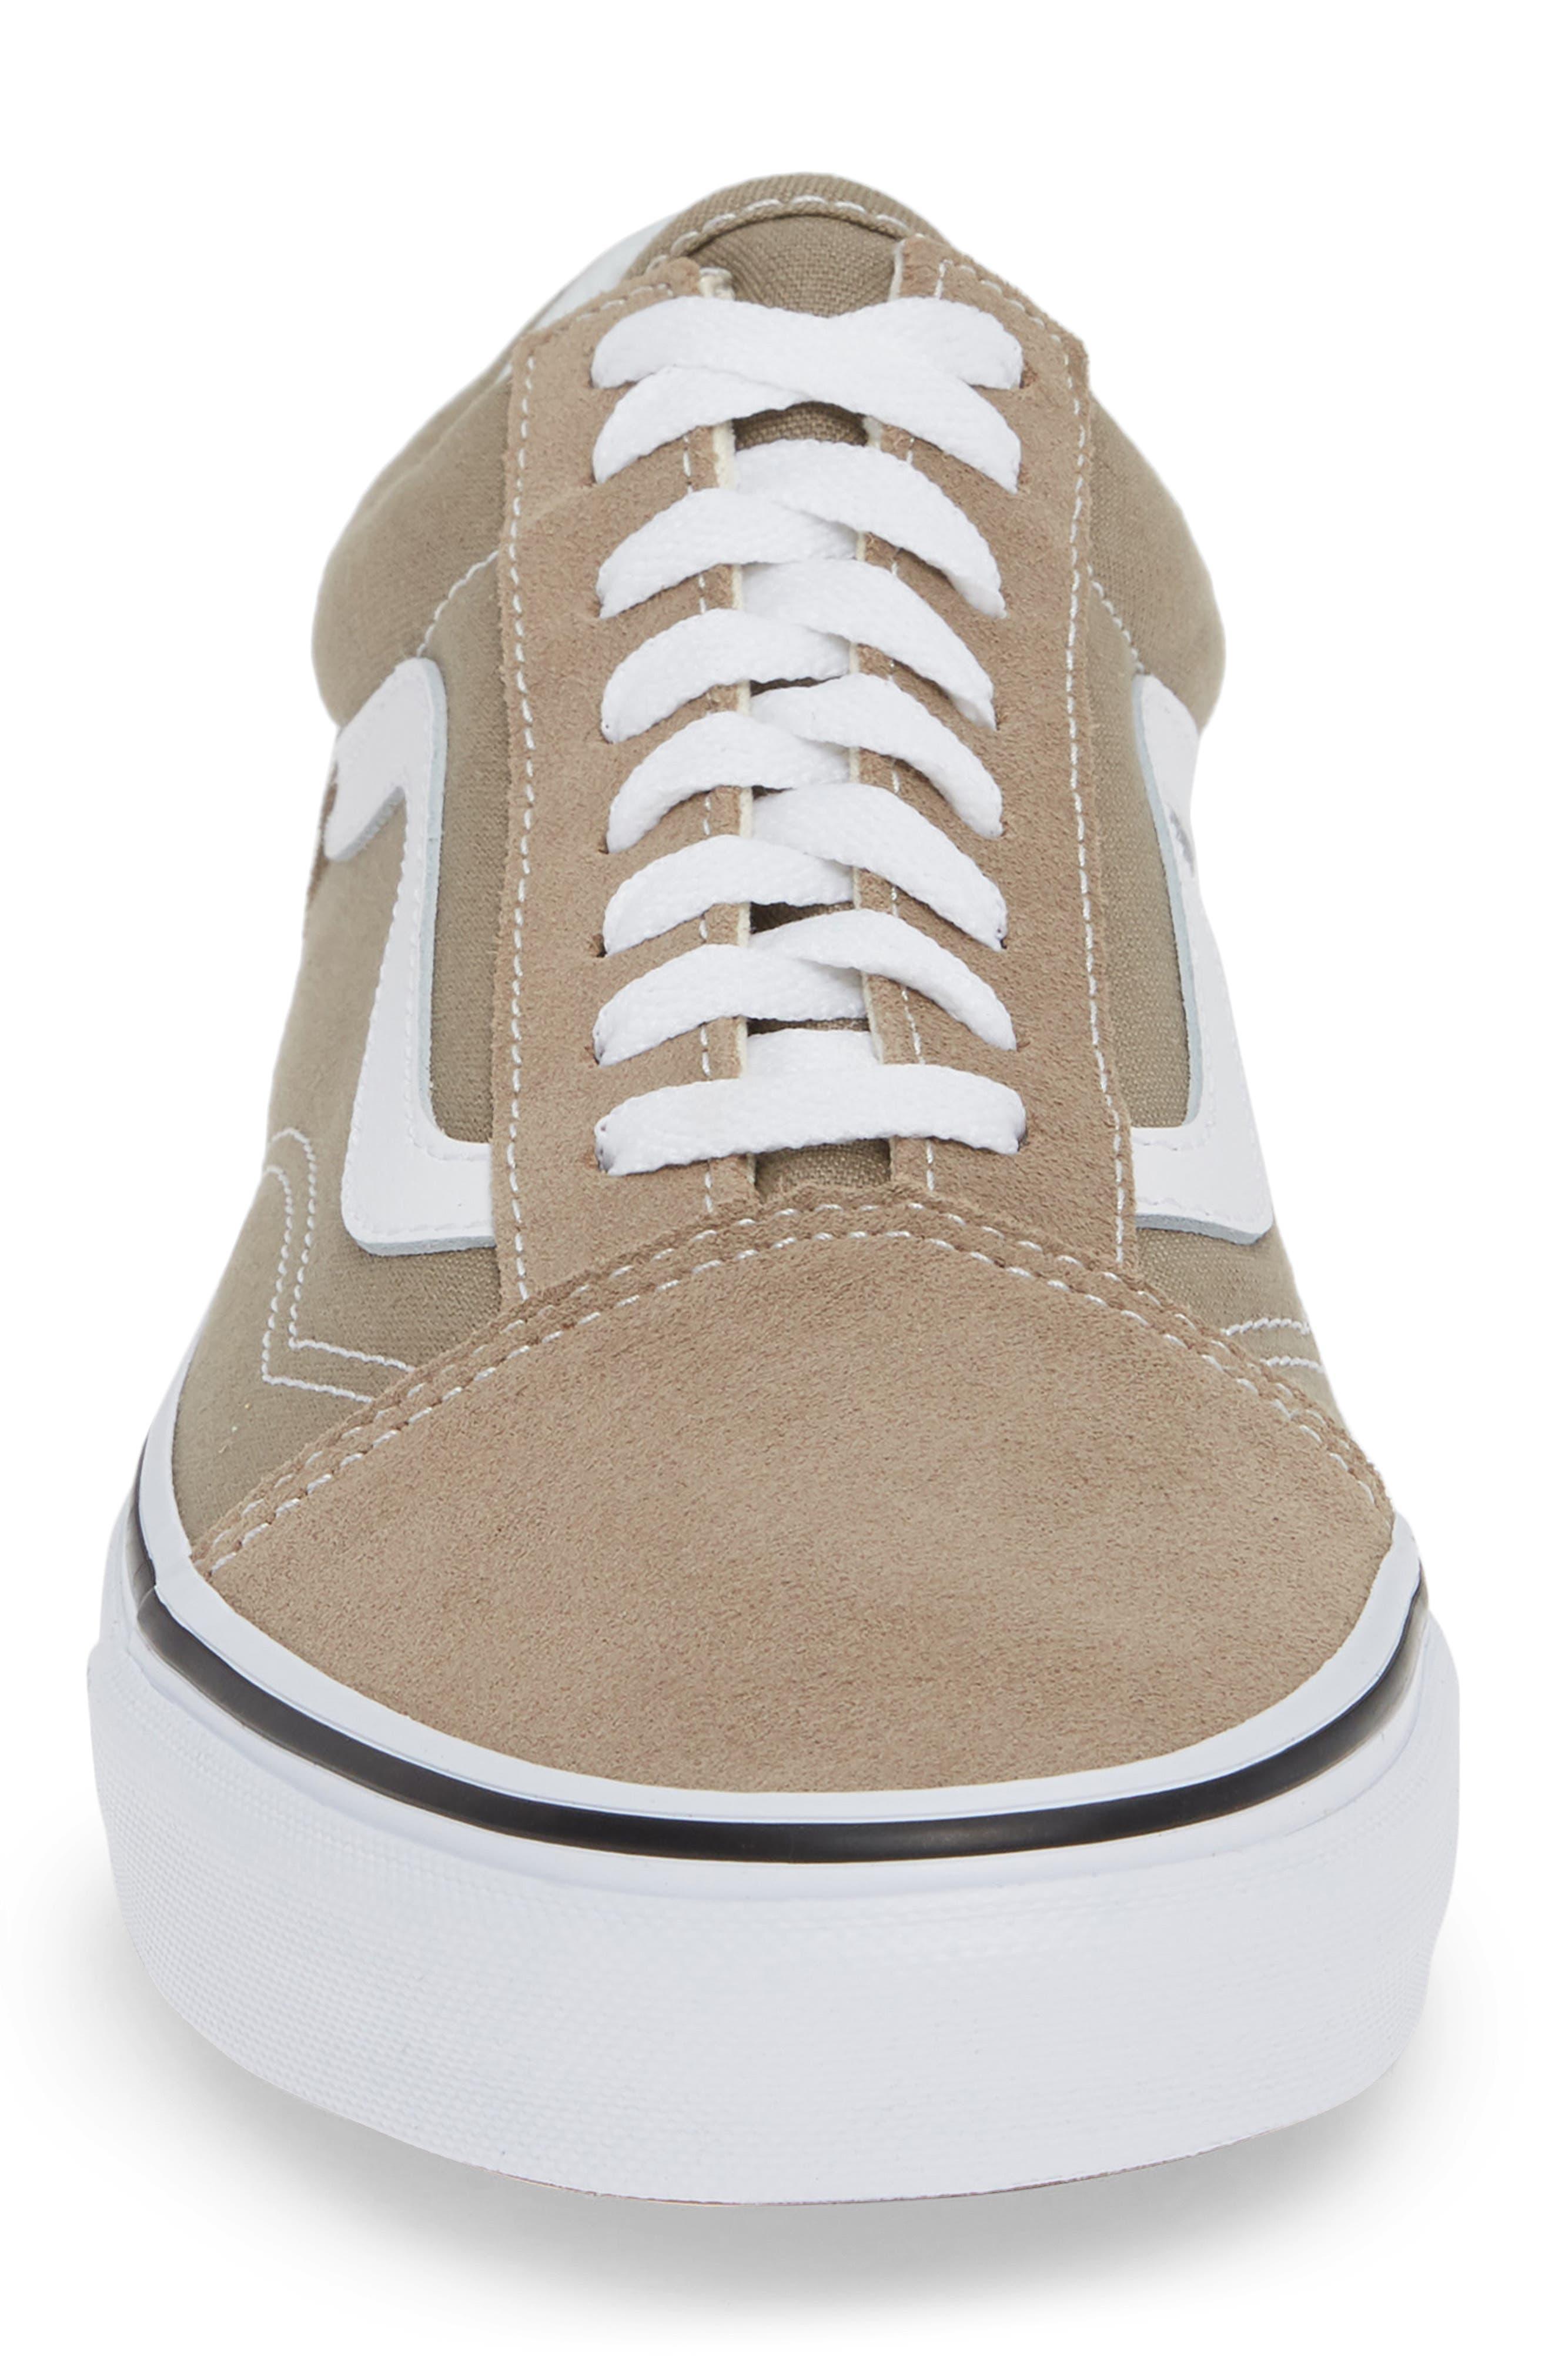 'Old Skool' Sneaker,                             Alternate thumbnail 4, color,                             DESERT TAUPE/ WHITE CANVAS